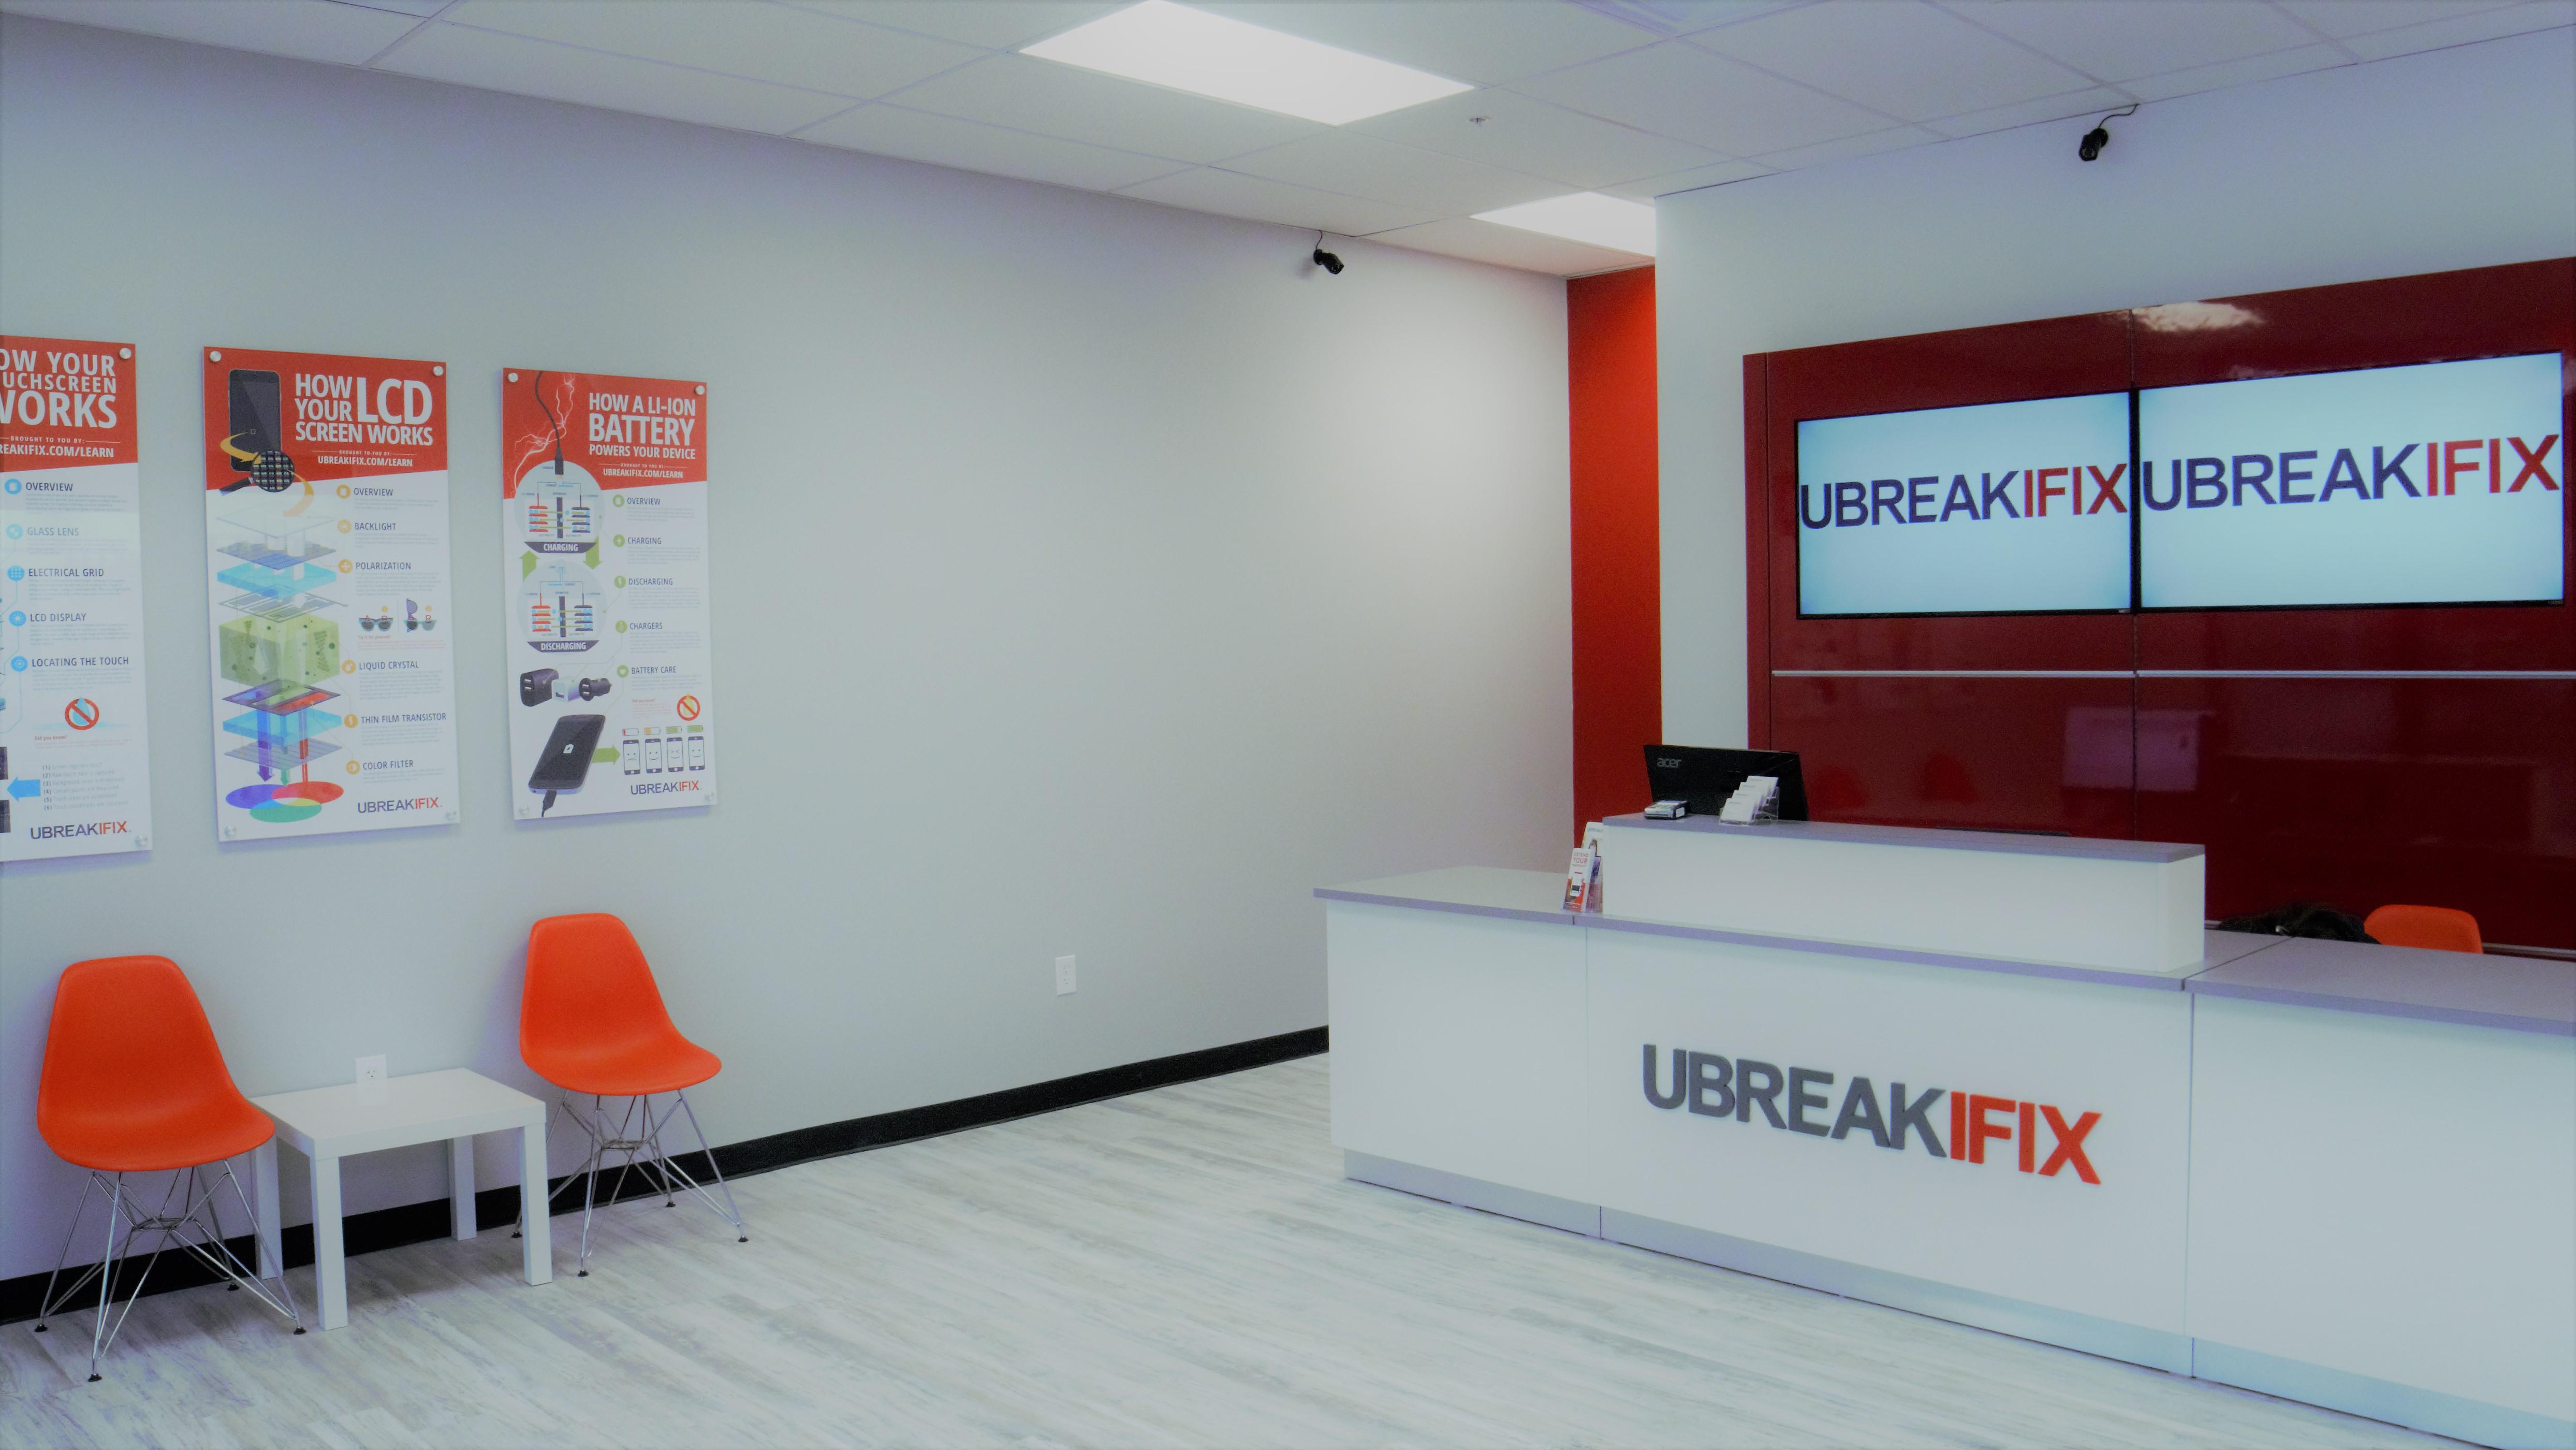 uBreakiFix image 6